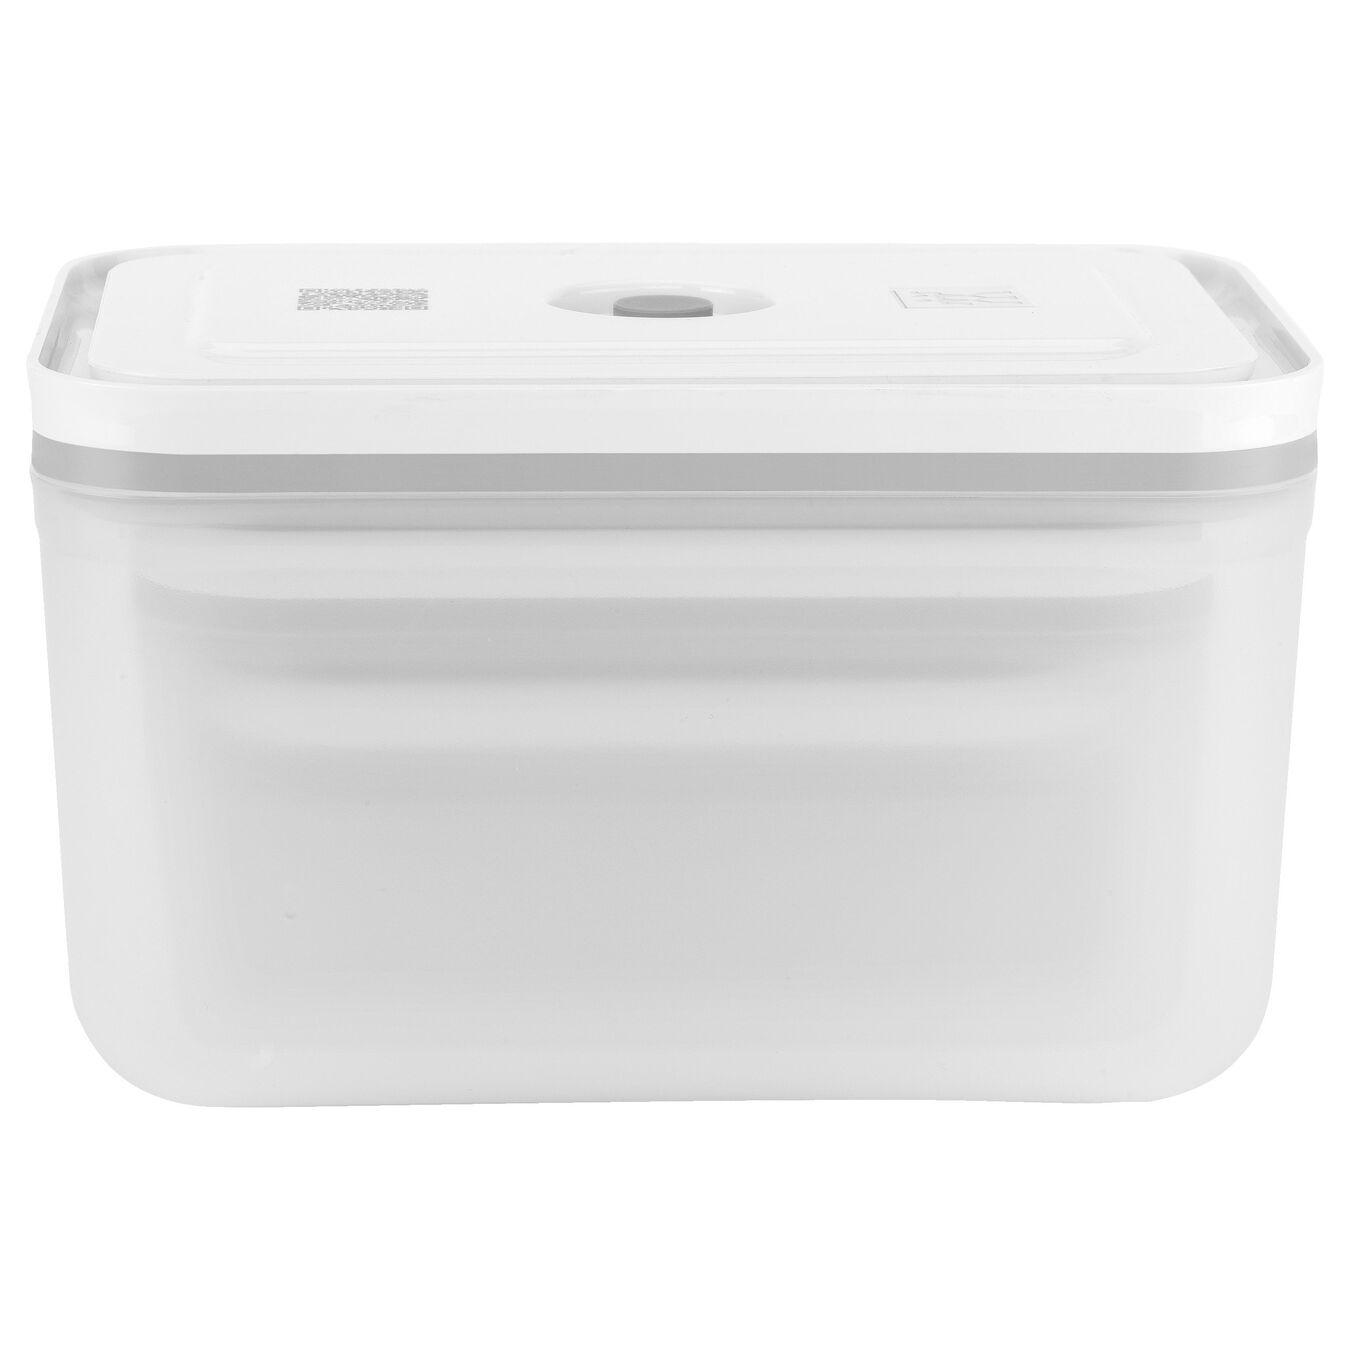 Vacuum Container Set, small/medium/large / 3-pc, Plastic, White,,large 2